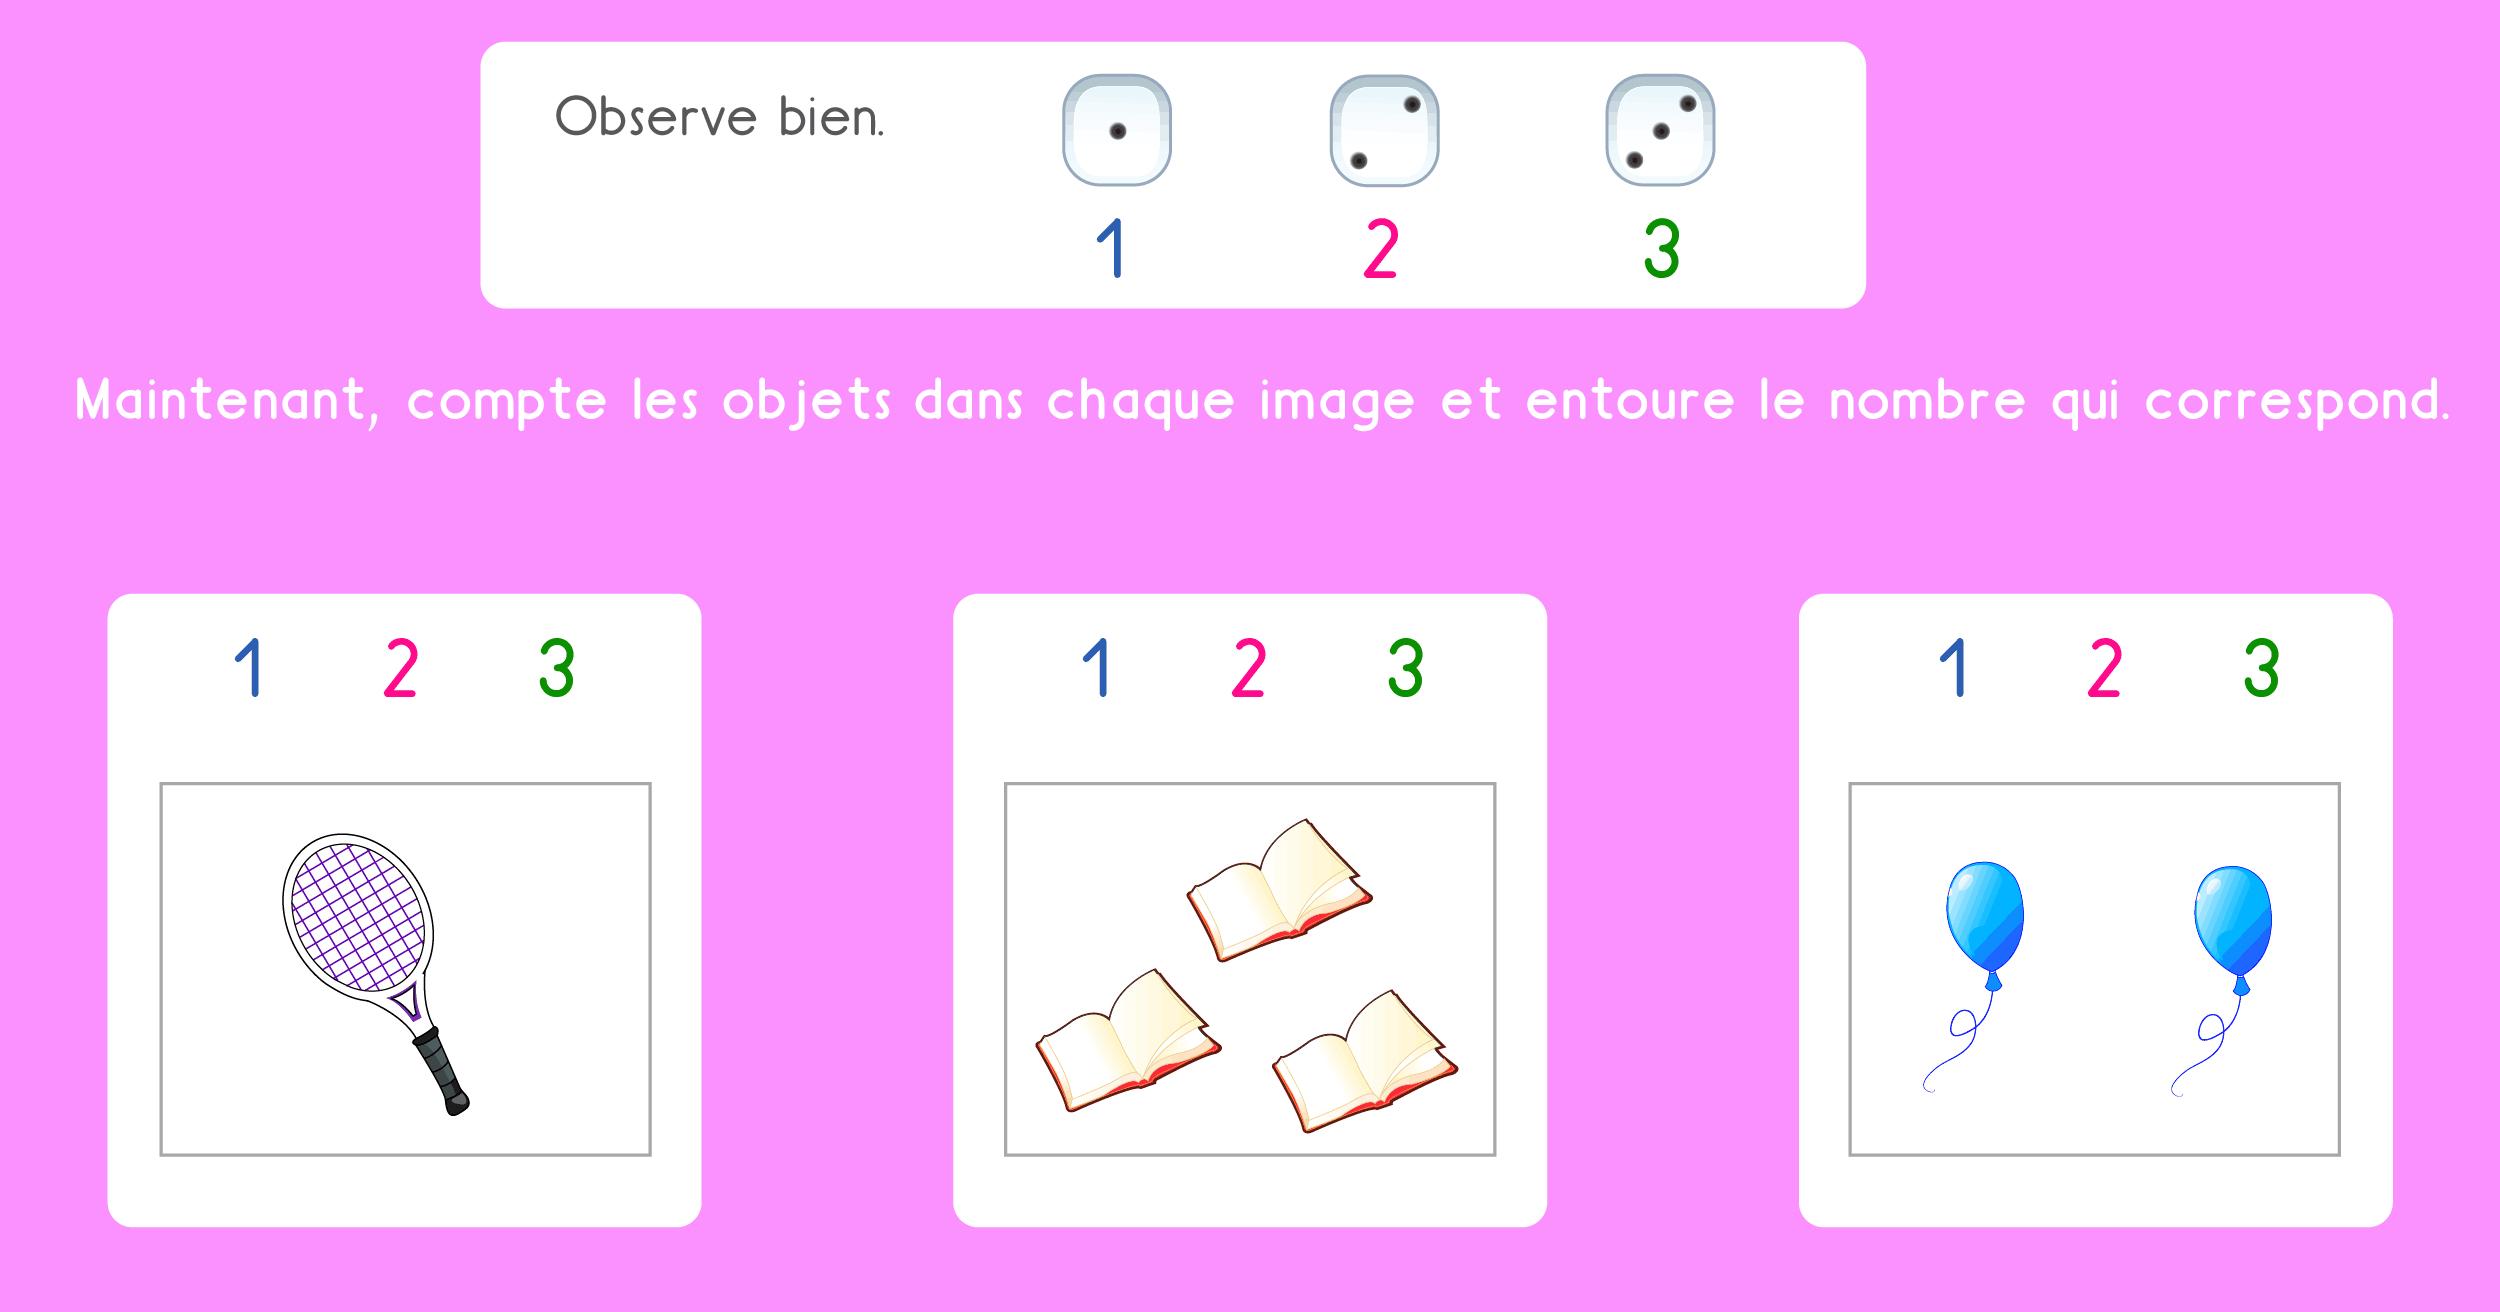 Pdf Fiches Exercices Jeux Mathématiques 3 Ans Petite Section pour Exercice Enfant 4 Ans